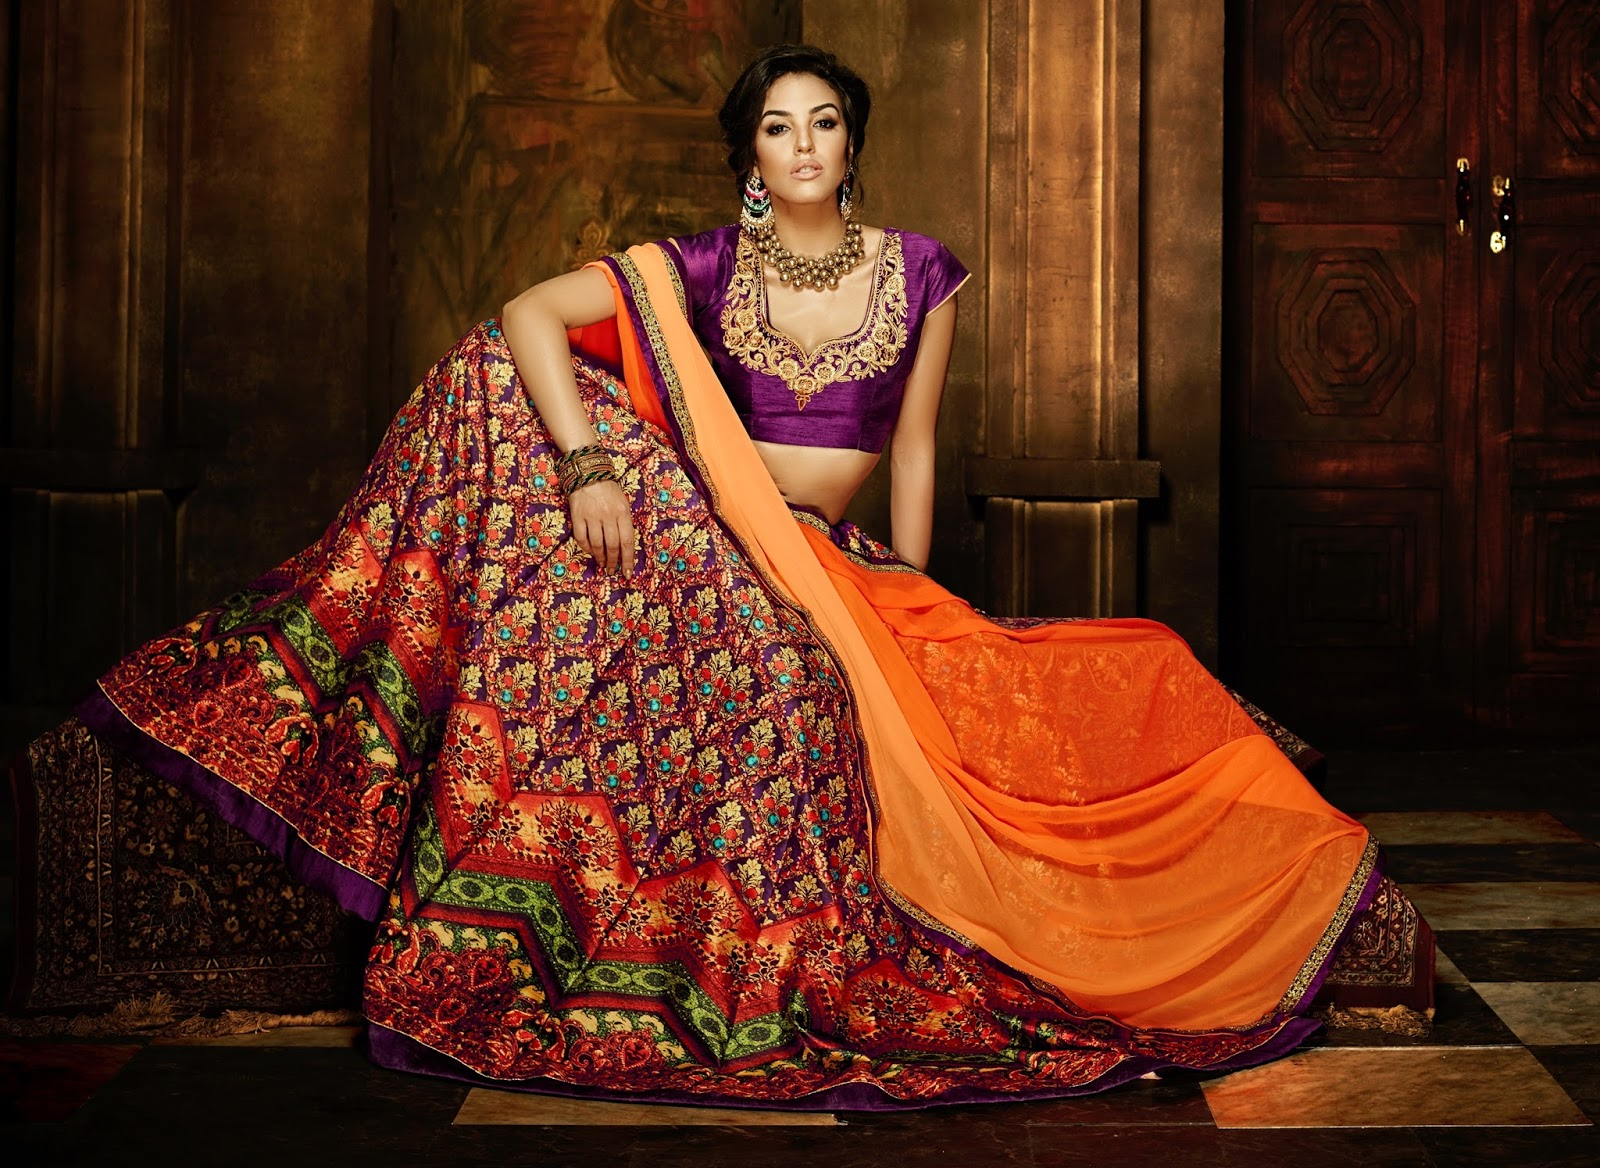 Retro fashion in india 21